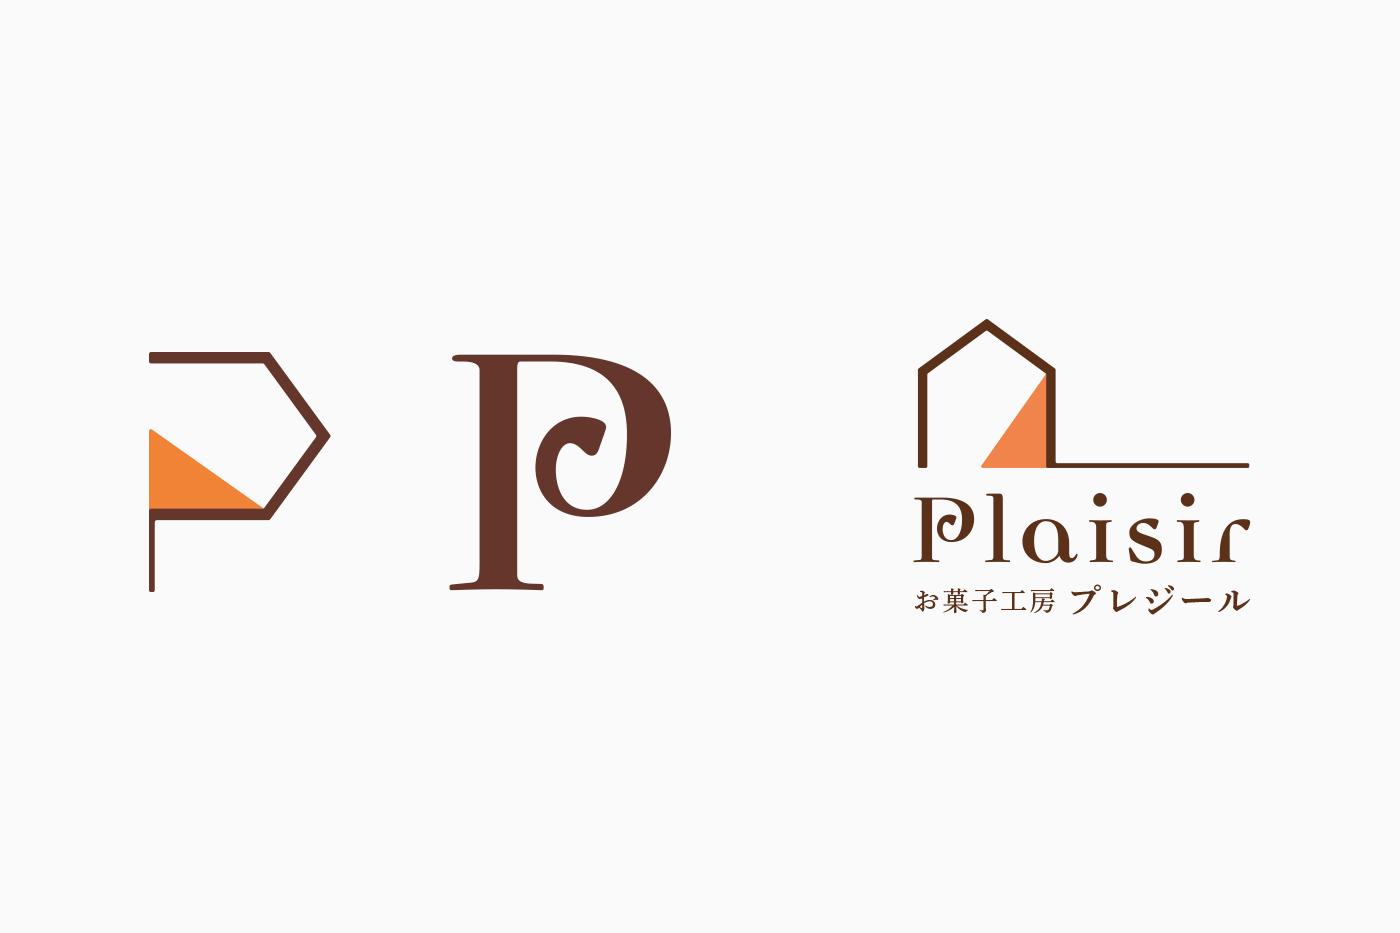 お菓子教室 ロゴデザイン制作